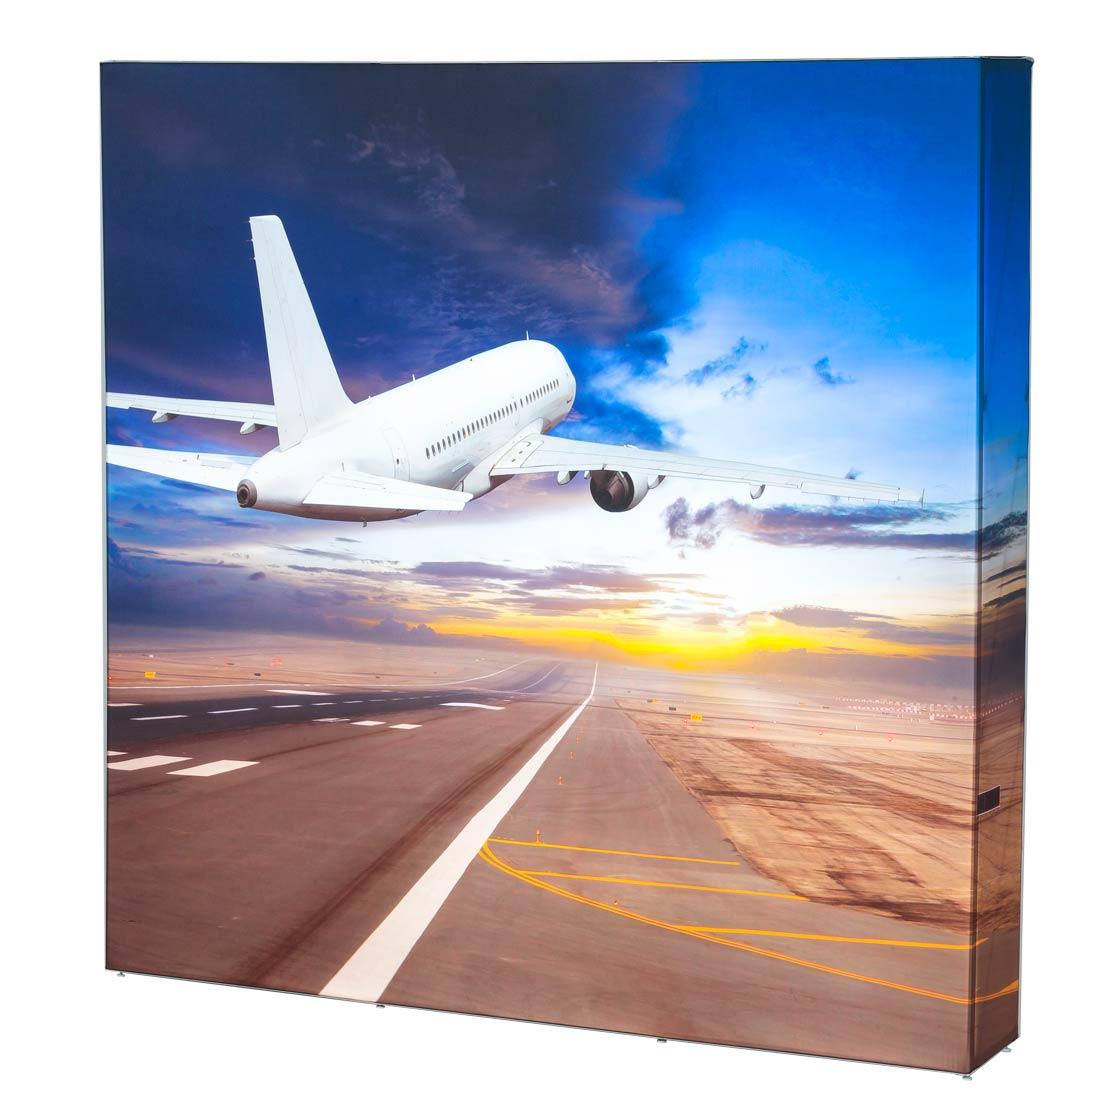 Faltdisplays mit LED-Hinterleuchtung und Textildruck - Faltdisplays mit Stoffdruck